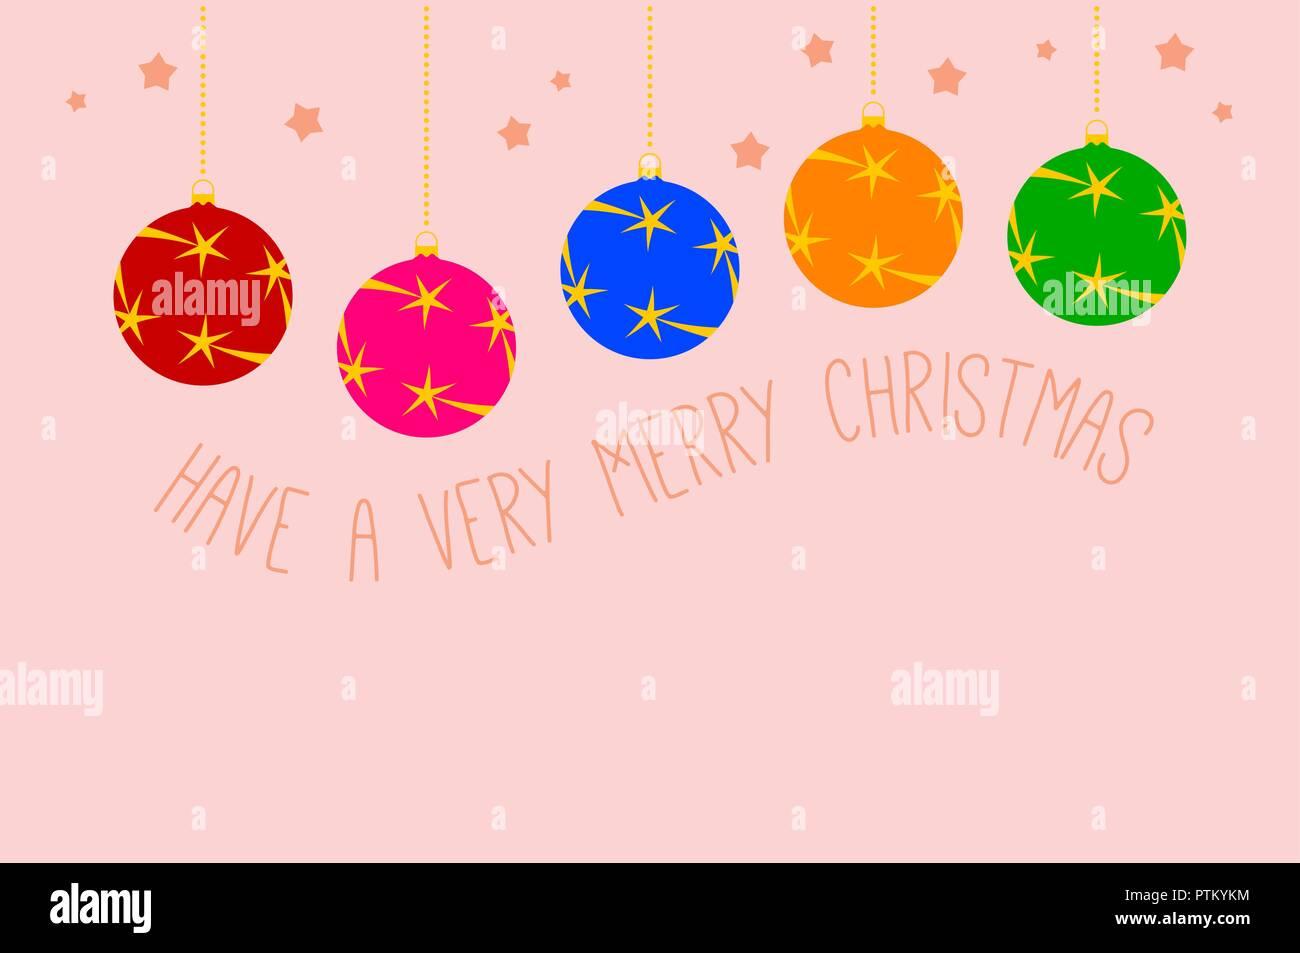 Creacion De Felicitaciones De Navidad.Piso Colgando Bolas De Navidad Vector Plantilla De Tarjeta